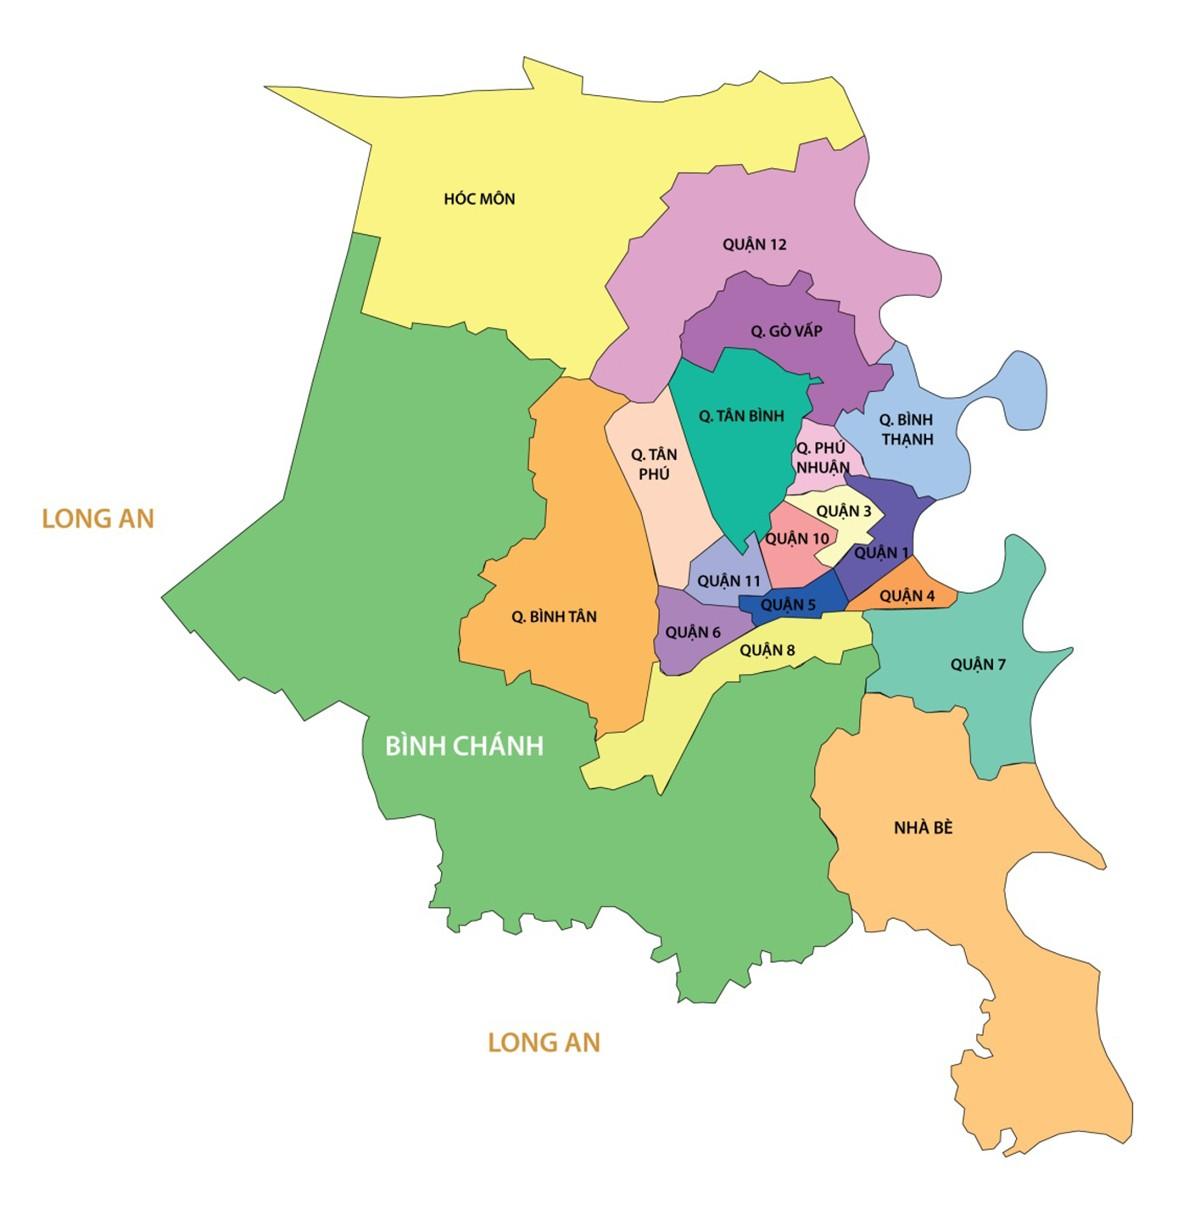 Diện tích các quận TPHCM